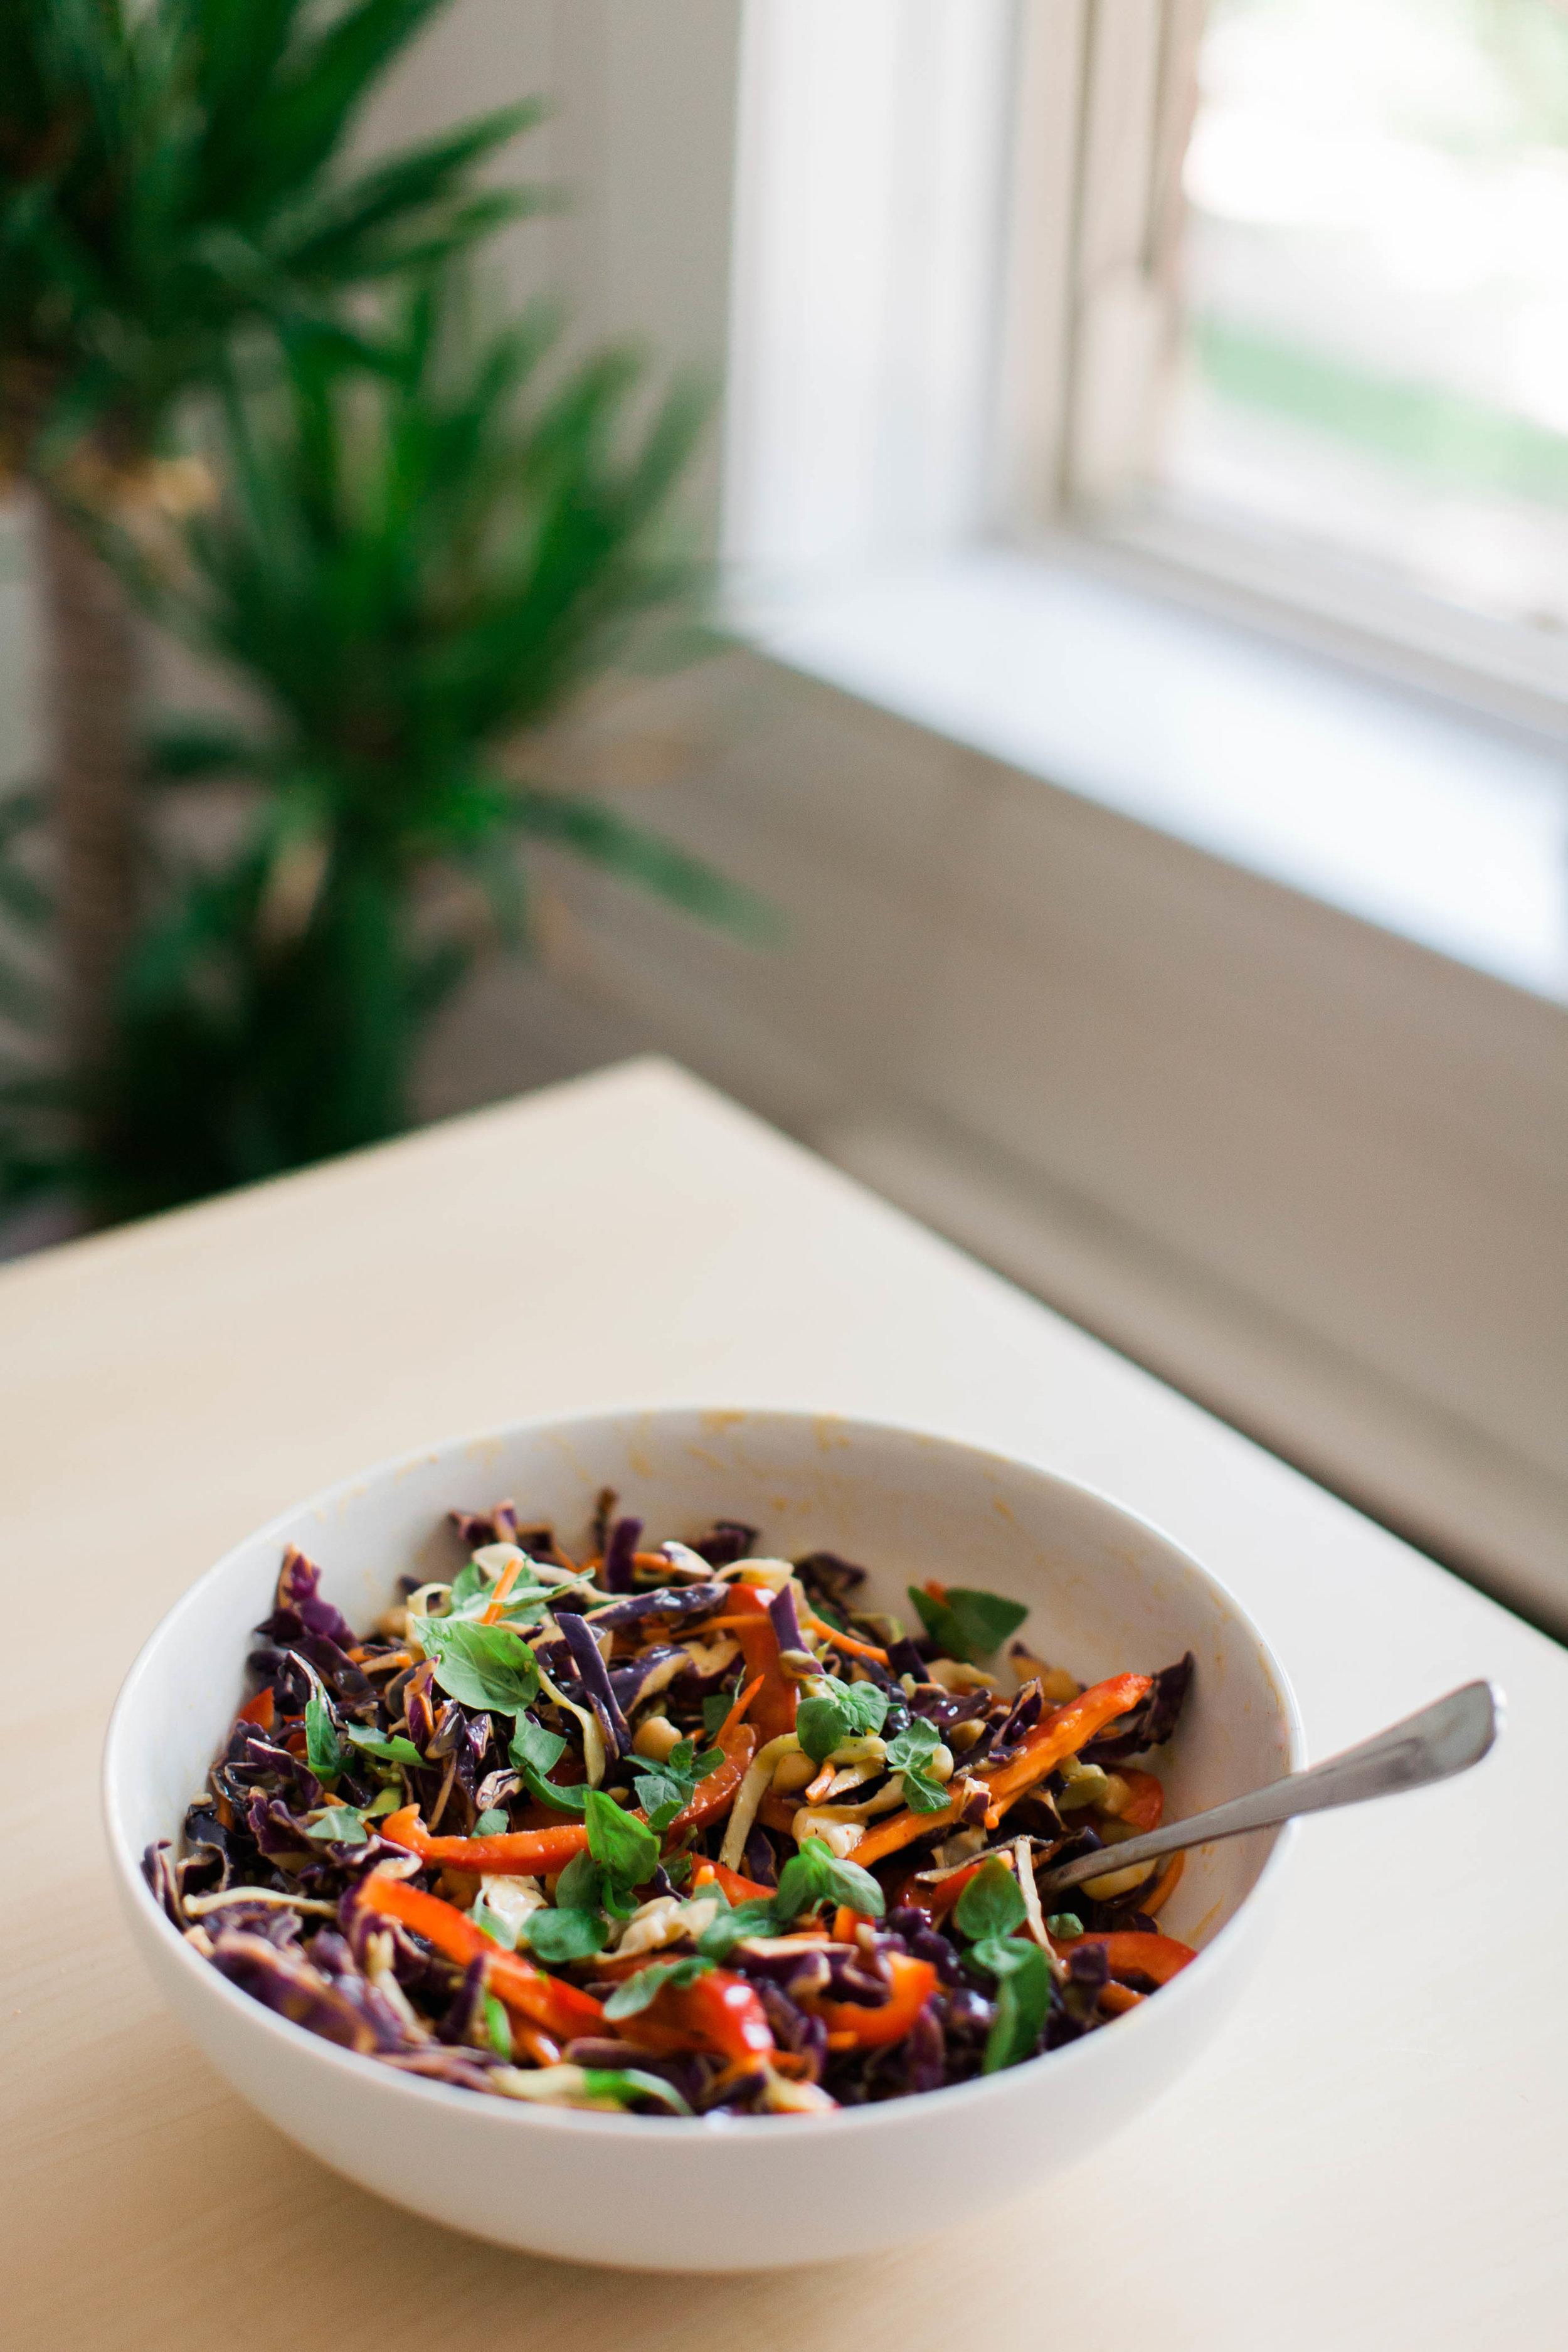 jennahazelphotography-thai-peanut-salad-with-chickpeas-0701.jpg